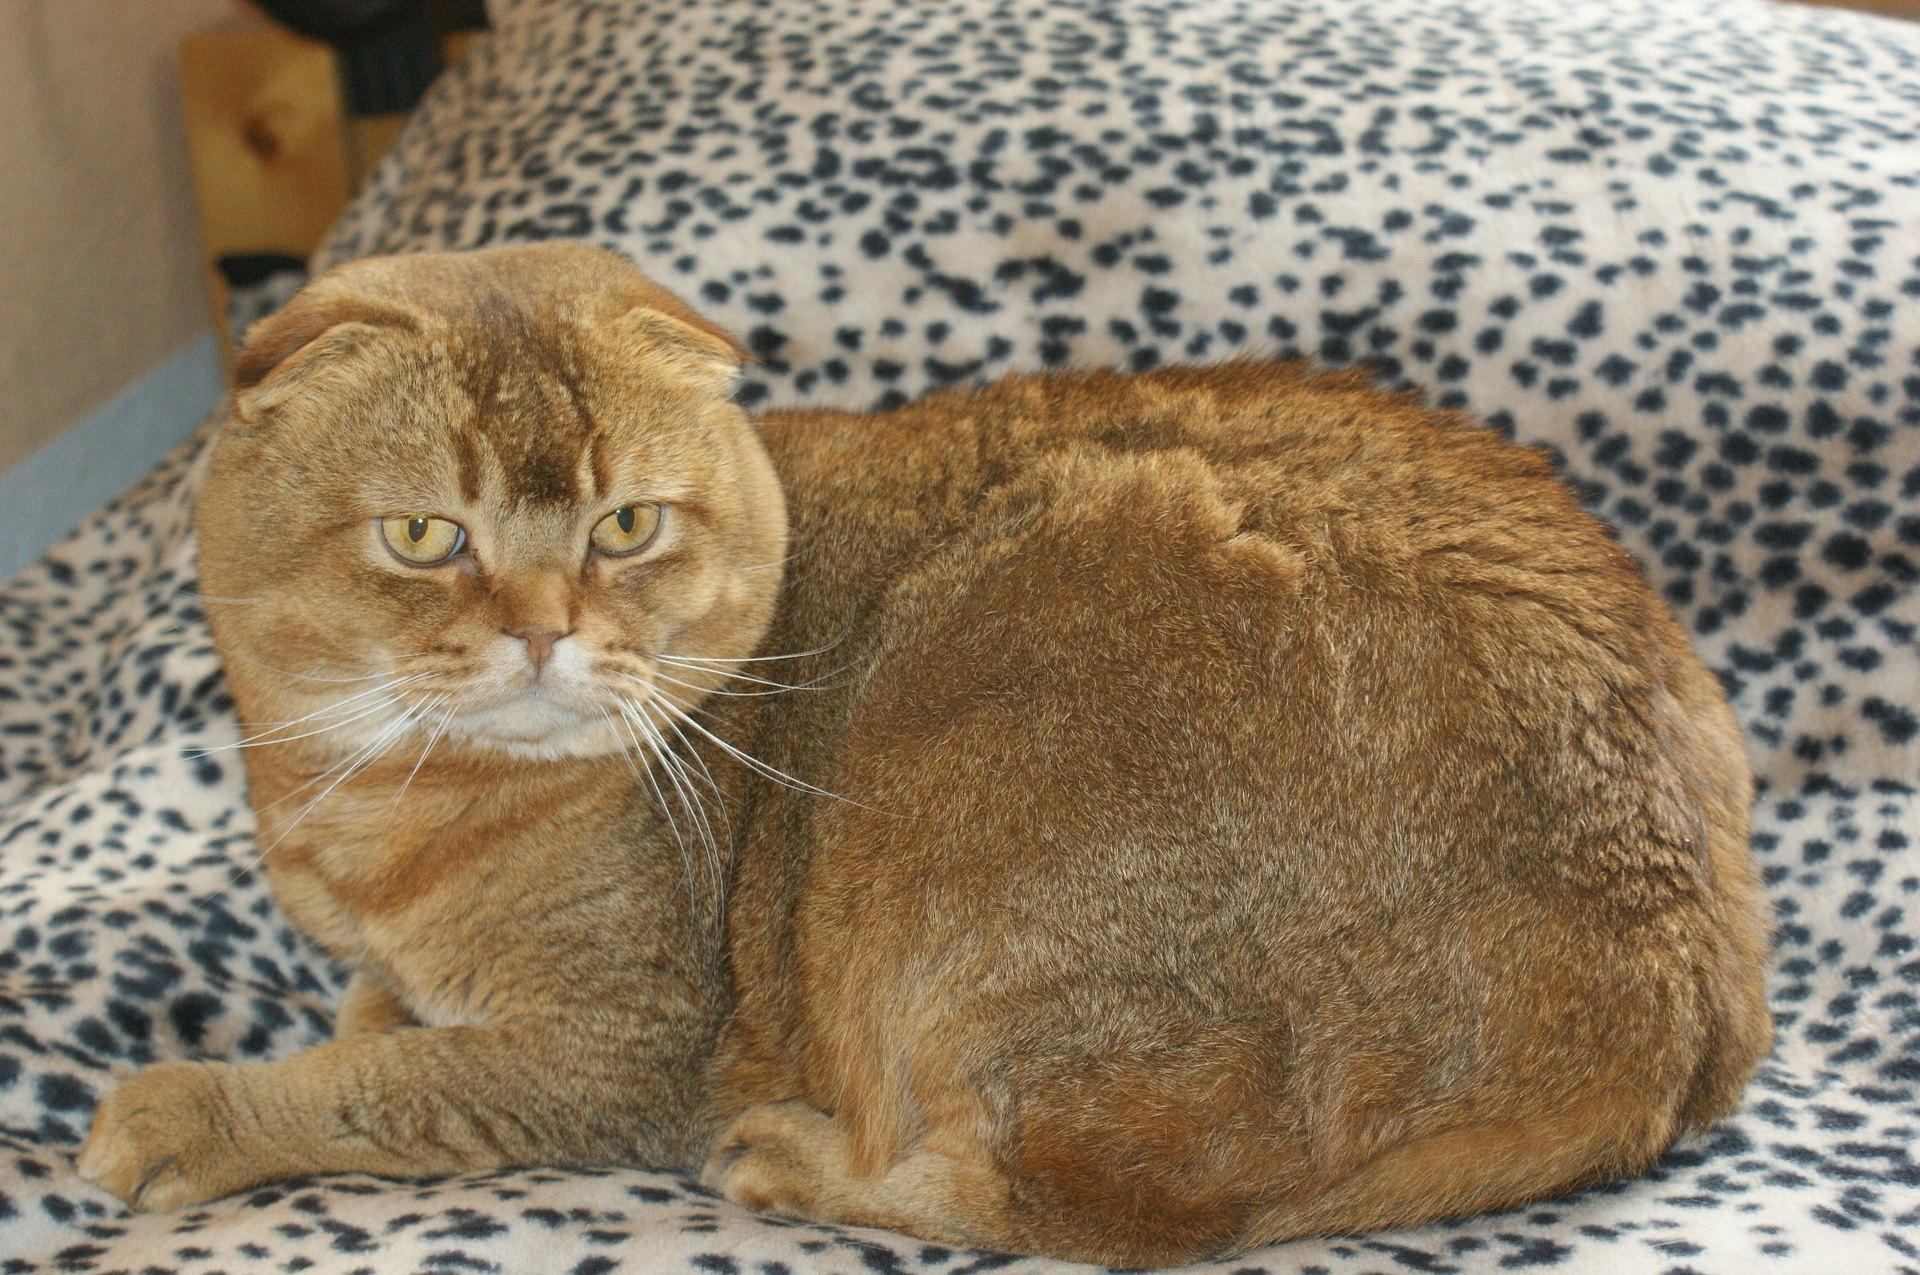 Die Scottish Fold Katze ist mittelgroß und hat ungewöhnliche Ohren. Sie sind klein, gerundet und weit auseinander gesetzt.